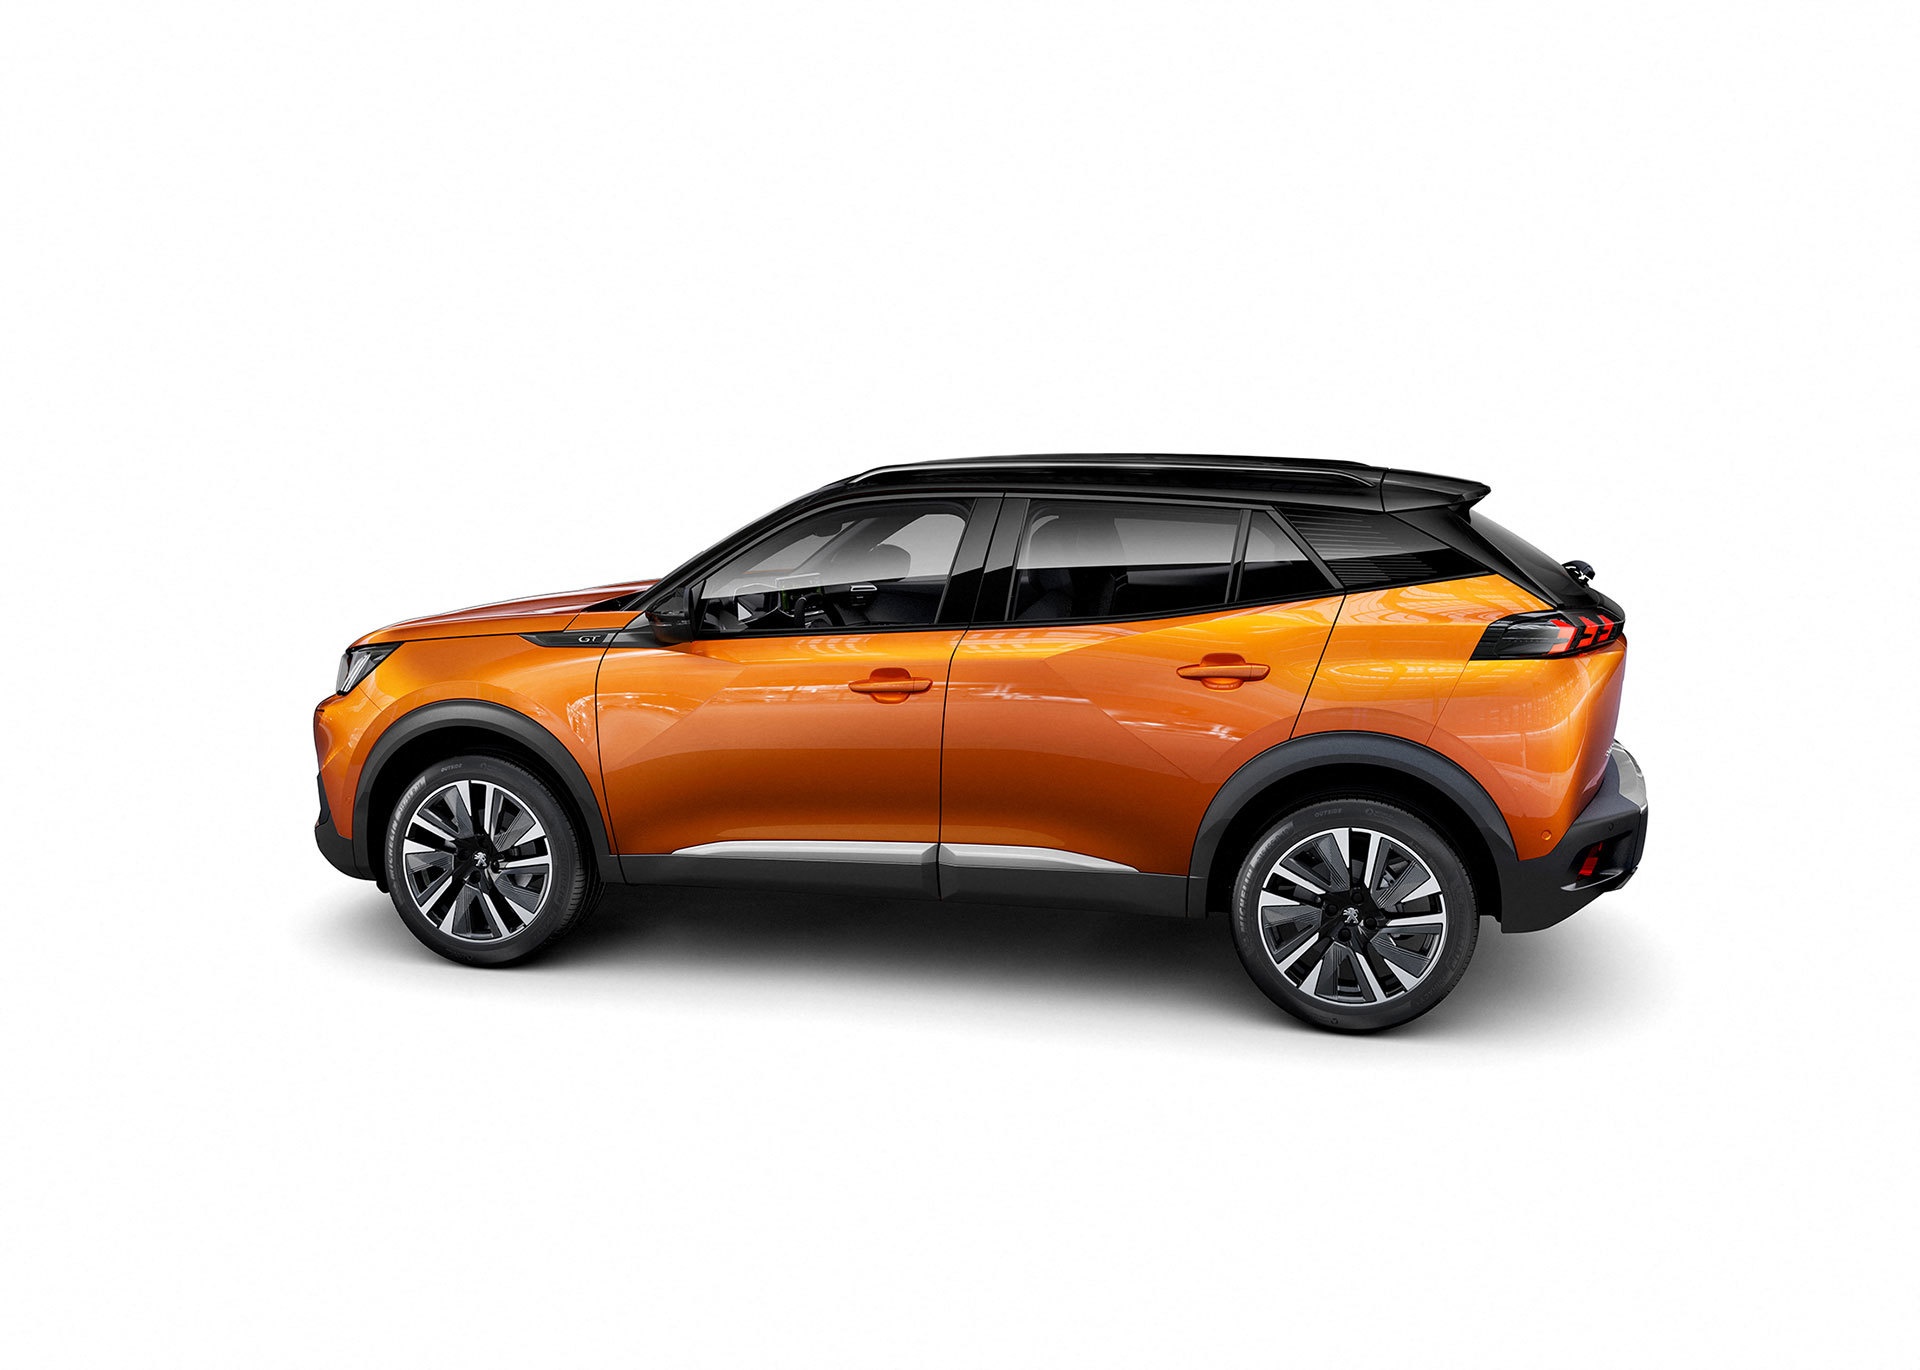 Peugeot 2008 Exterior Naranja 2019 03